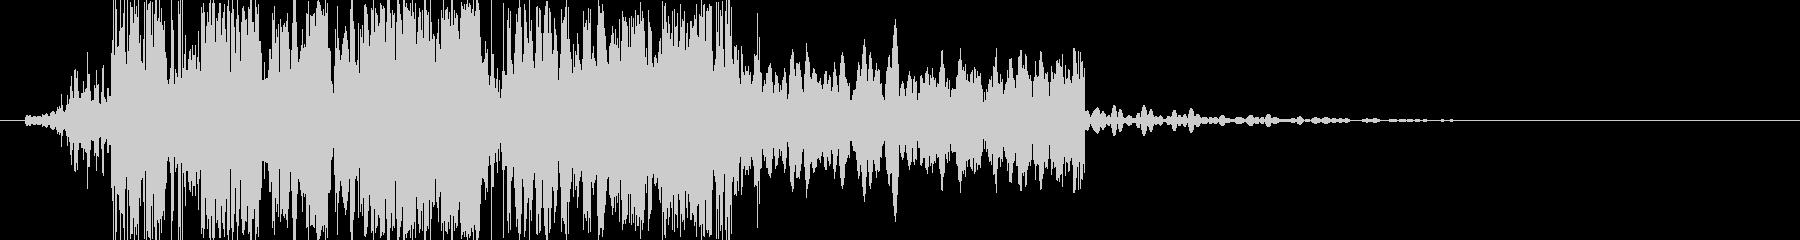 カチコチカチの未再生の波形